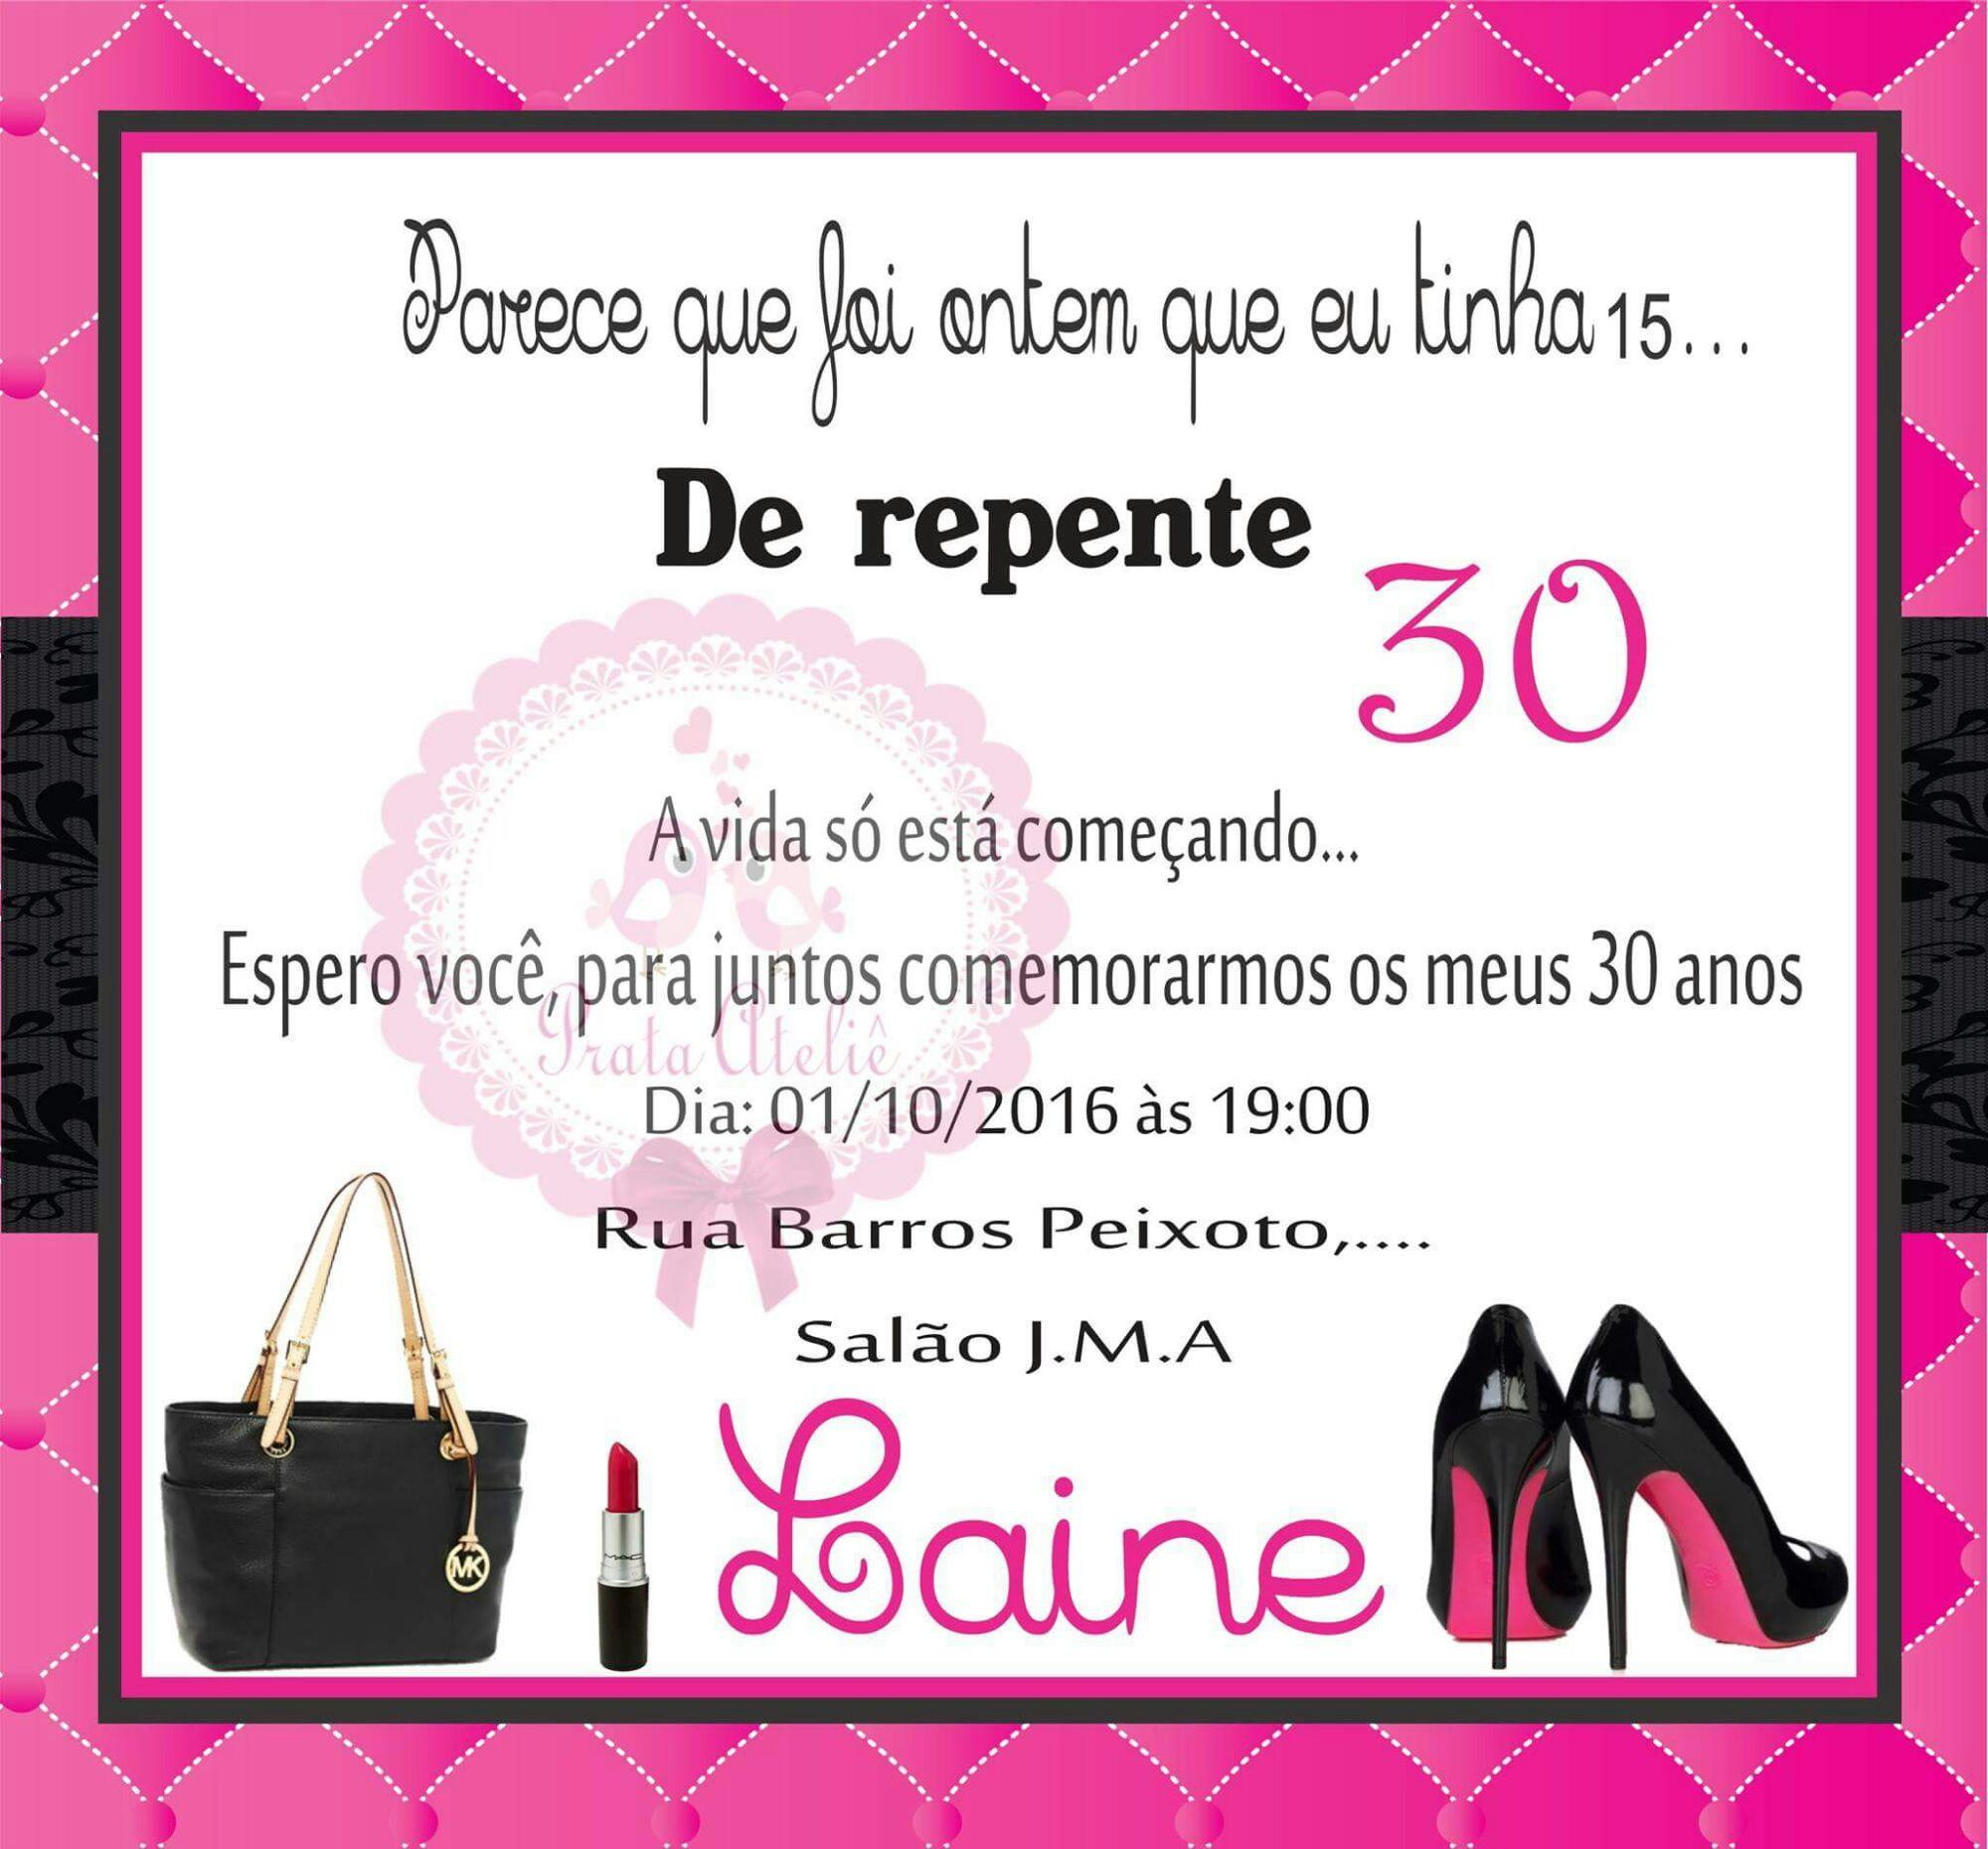 Convite Digital De Repente 30 No Elo7 Prata Atelie 7d916d